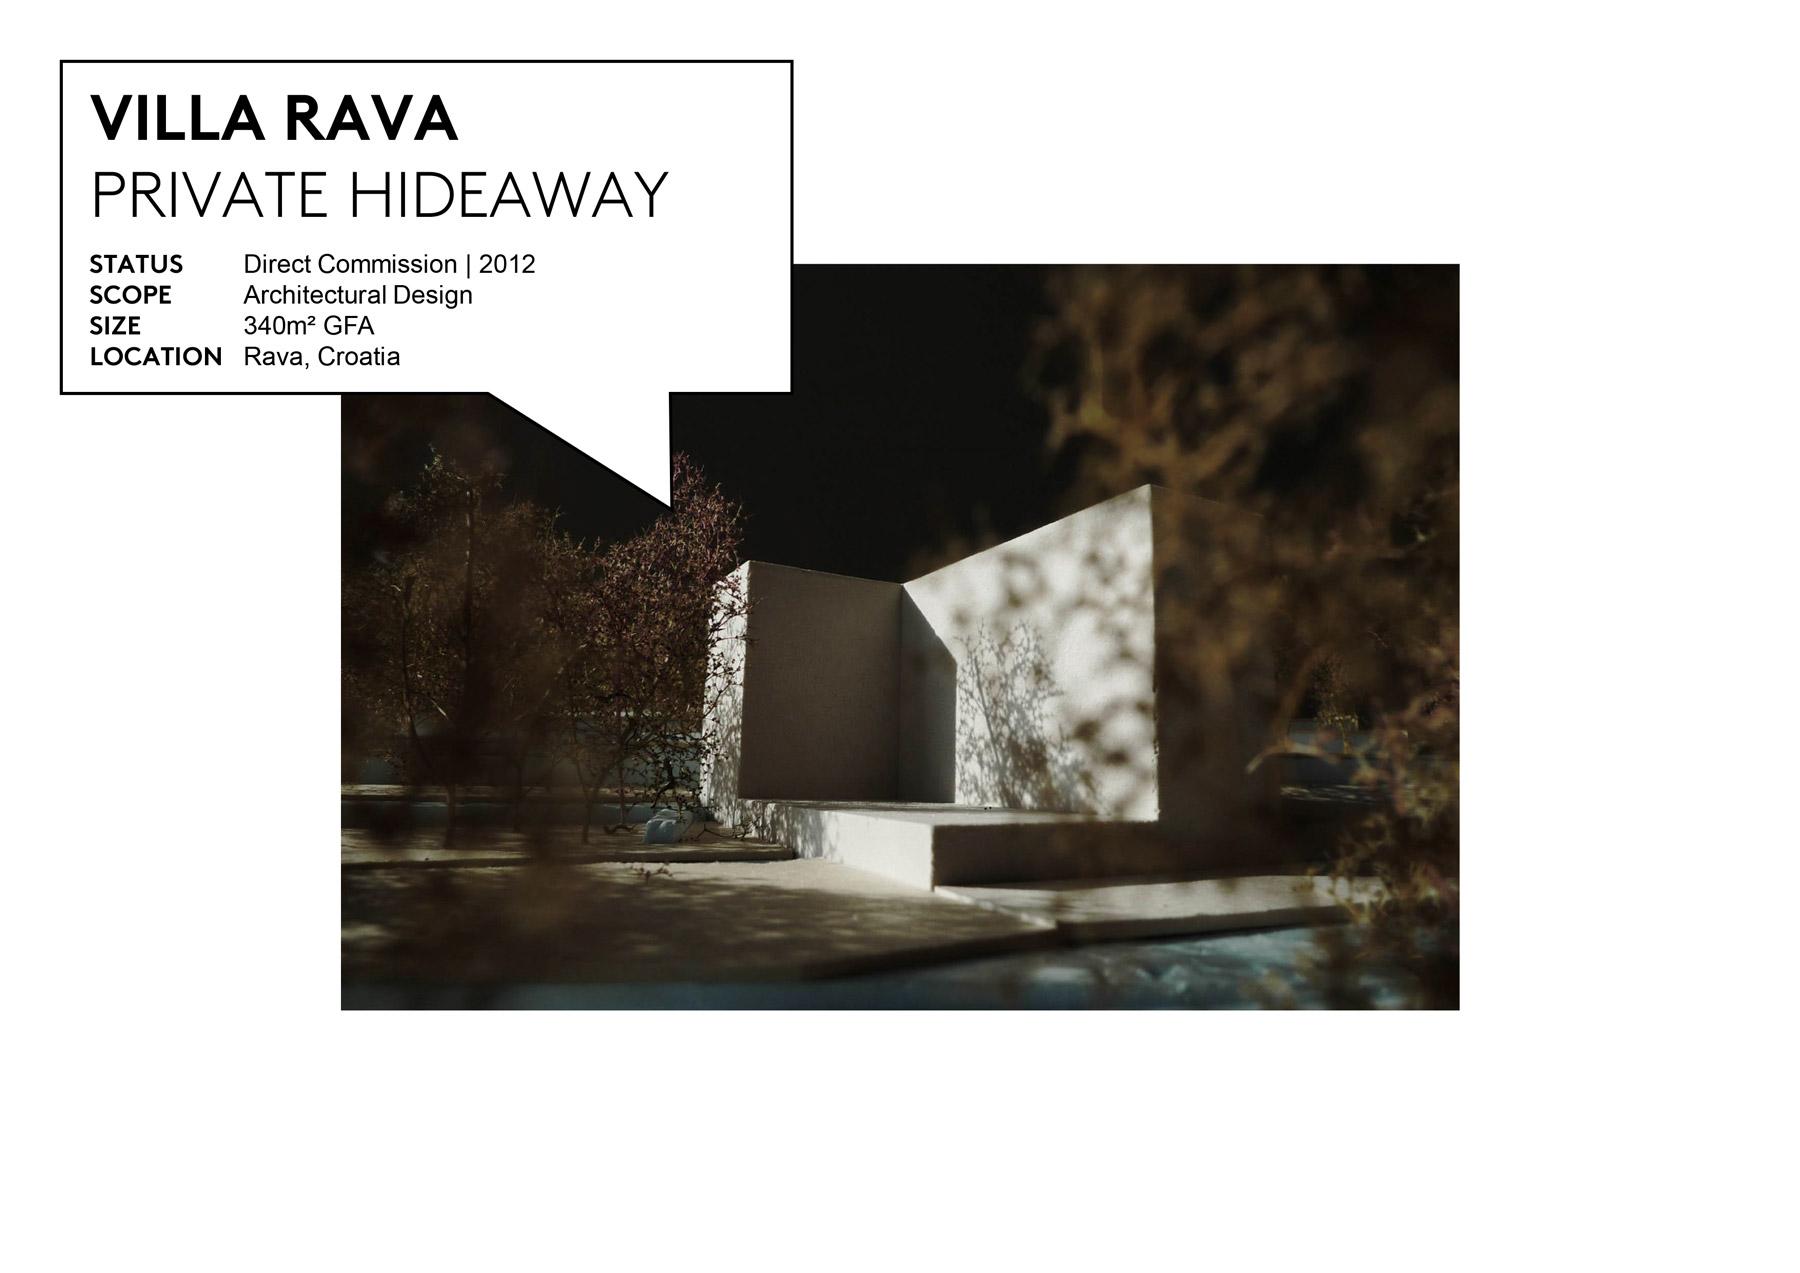 107_Villa_Rava_02